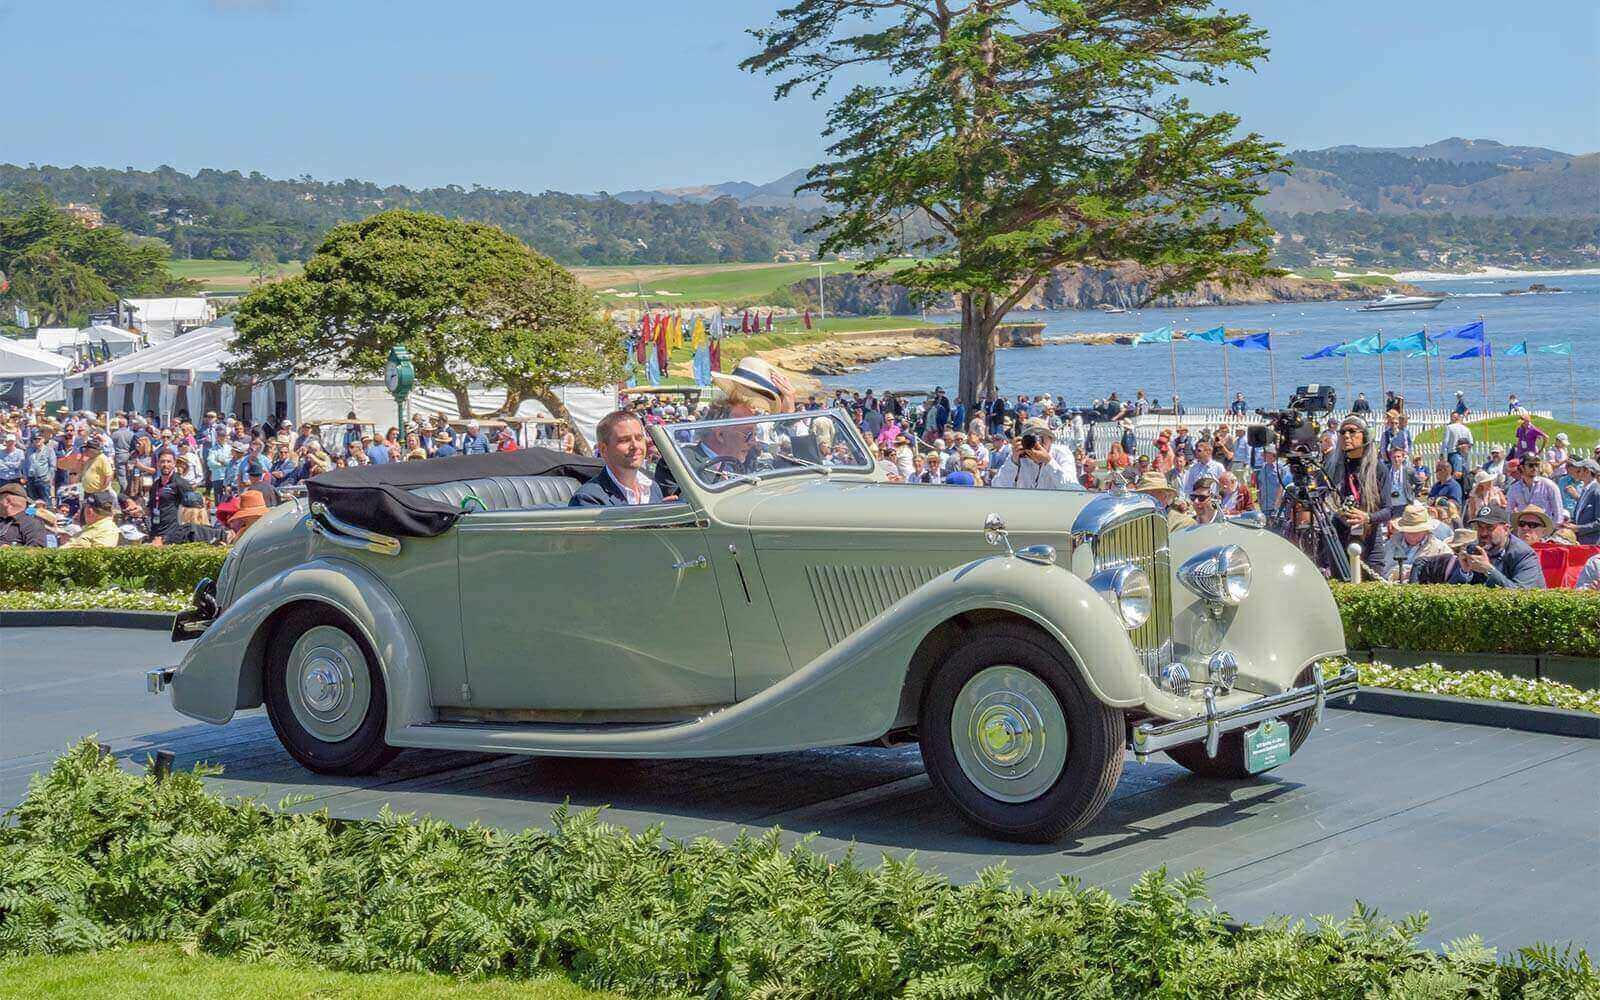 1939 Bentley 4¼ Litre Vanvooren Drophead Coupé